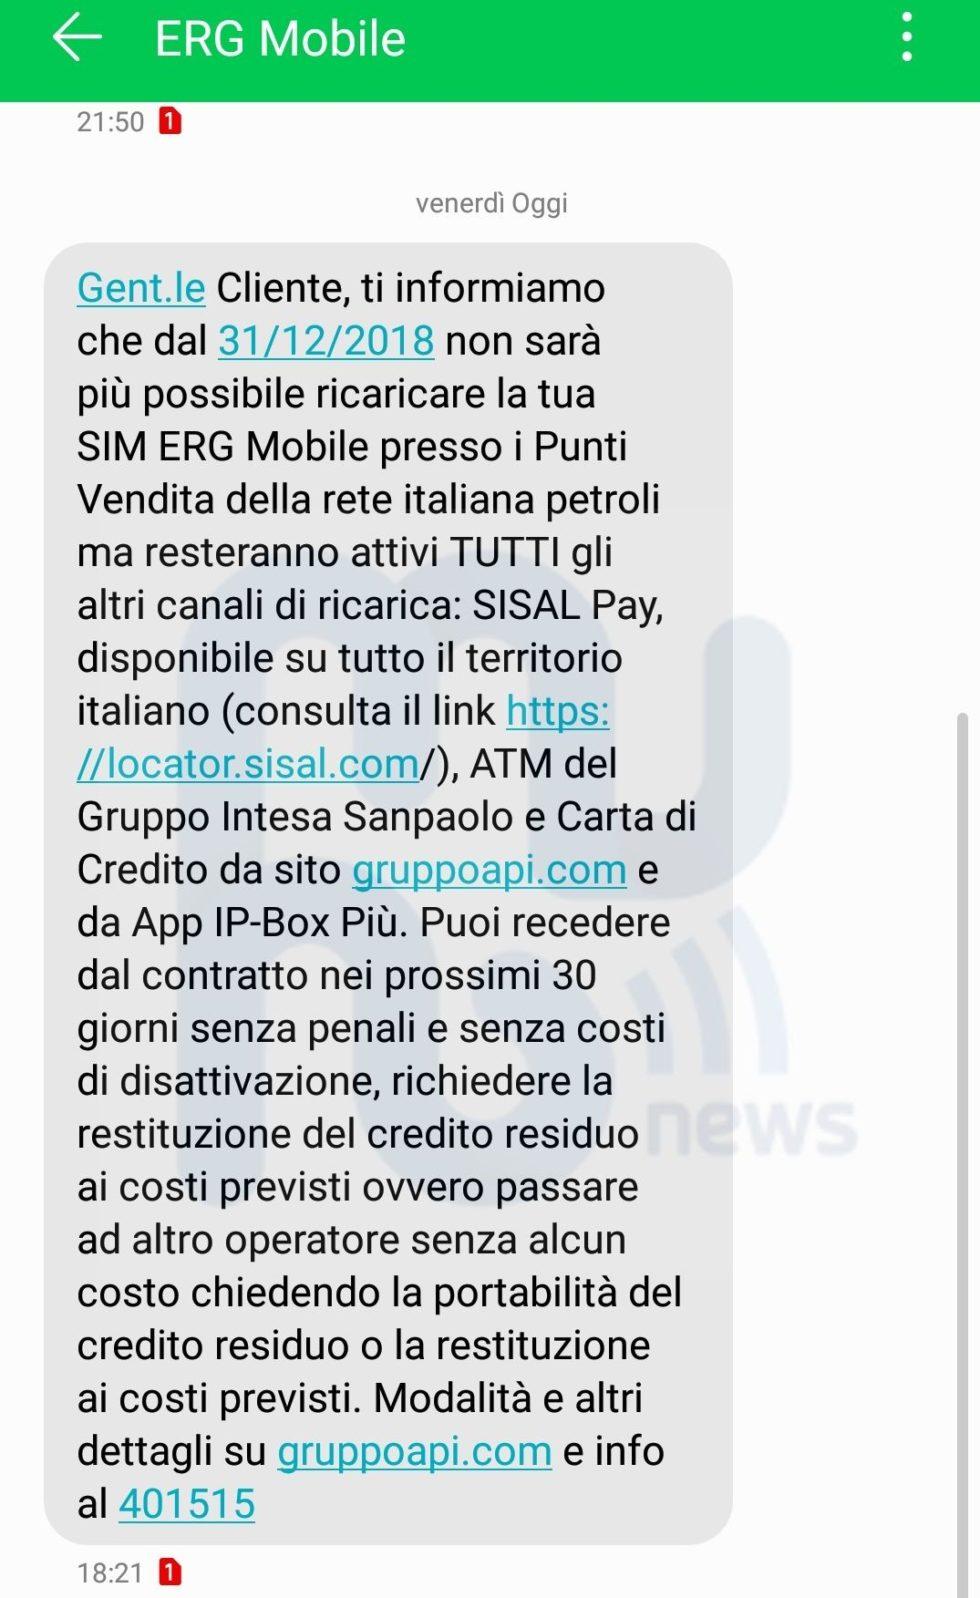 SMS chiusura ricarica ERG Mobile